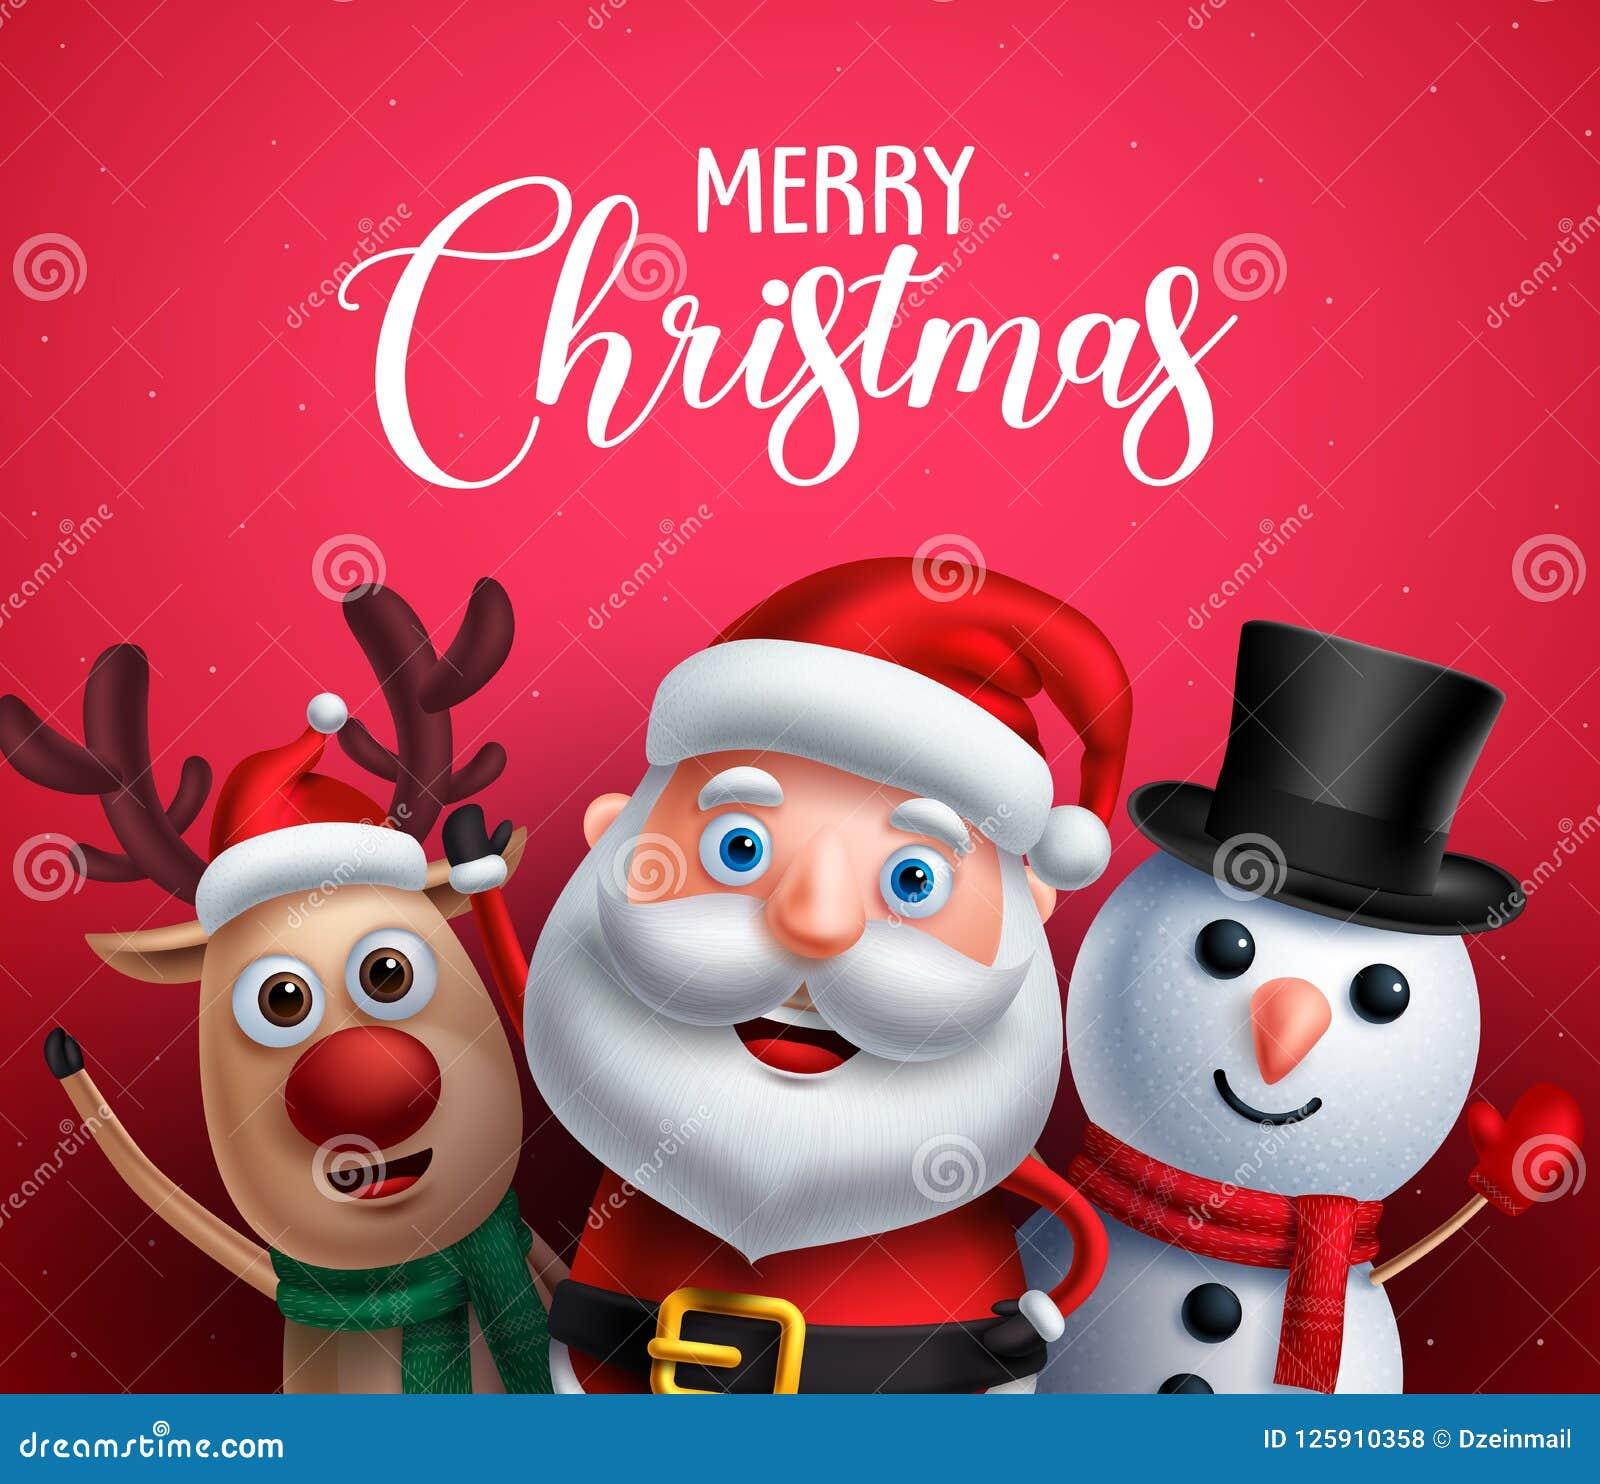 Le texte de salutation de Joyeux Noël avec le père noël, le renne et le bonhomme de neige dirigent des caractères